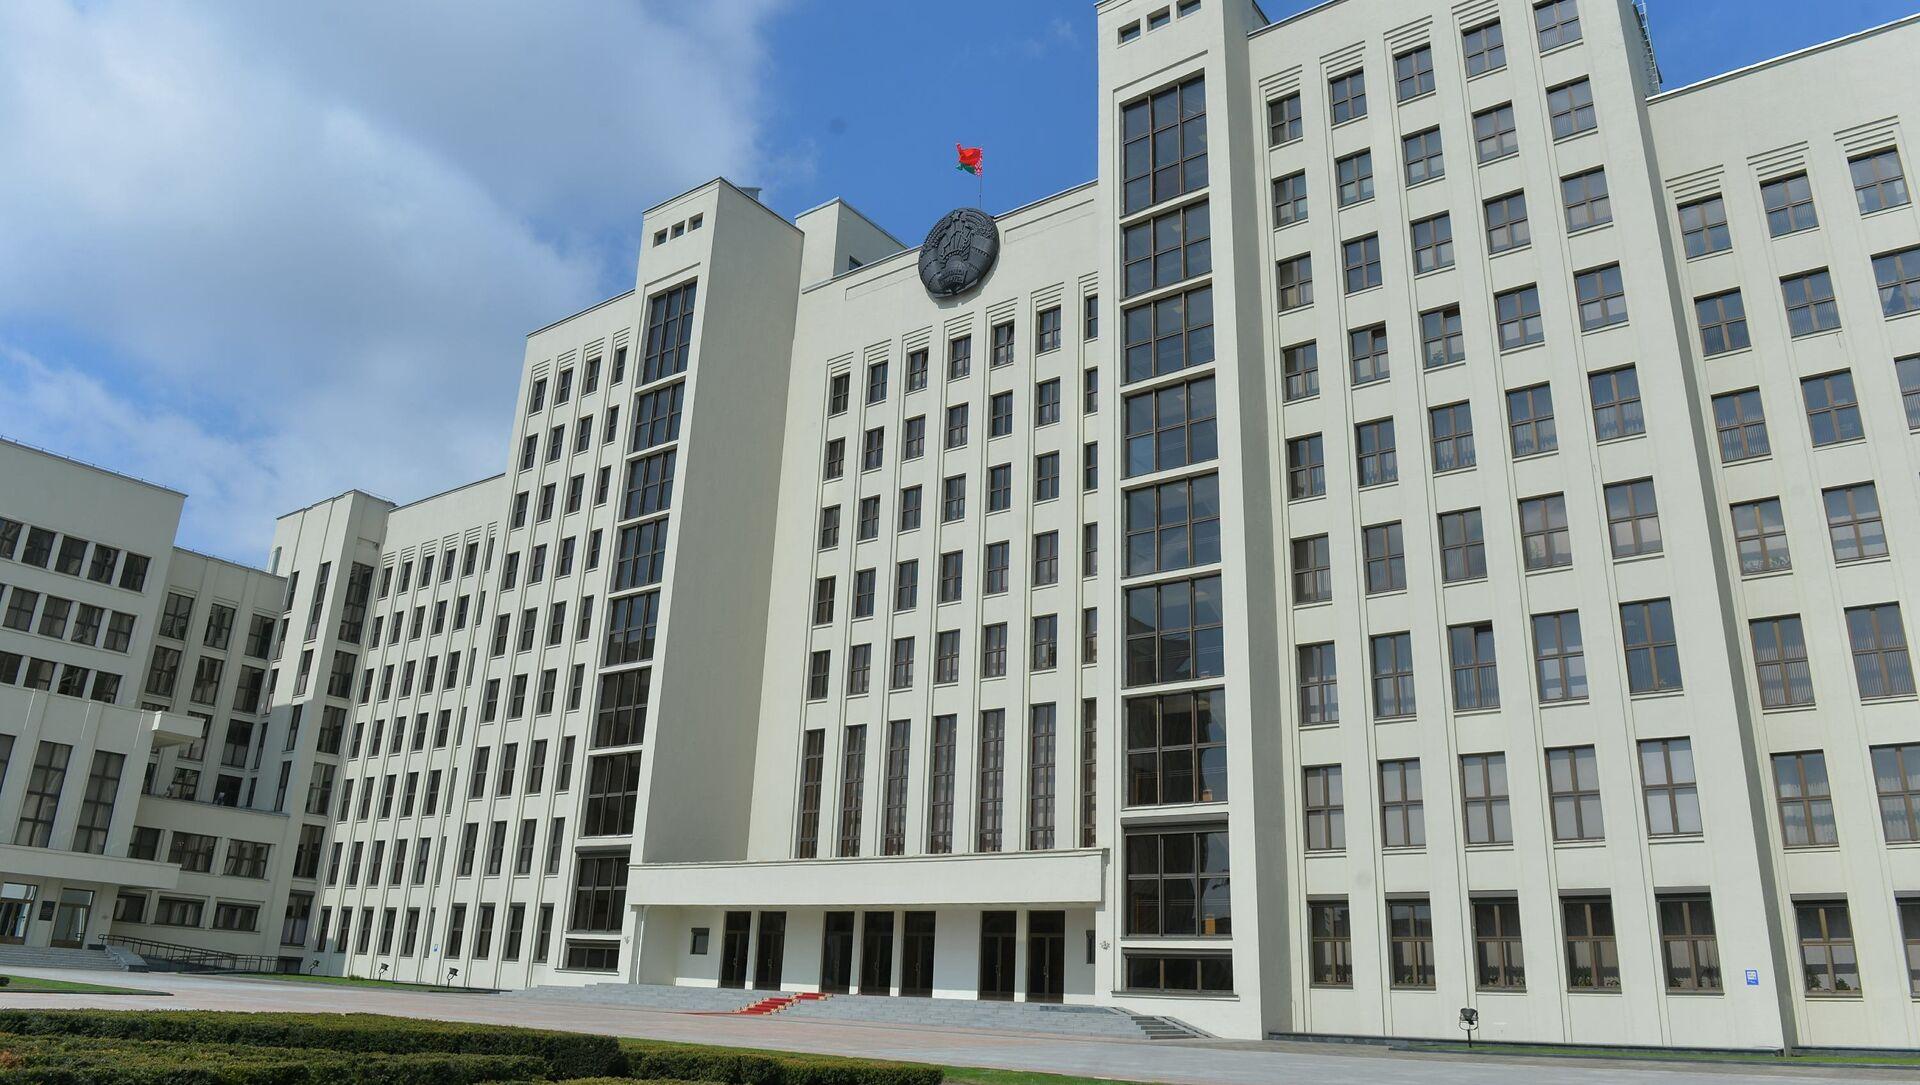 Дом правительства, архивное фото - Sputnik Беларусь, 1920, 28.04.2021